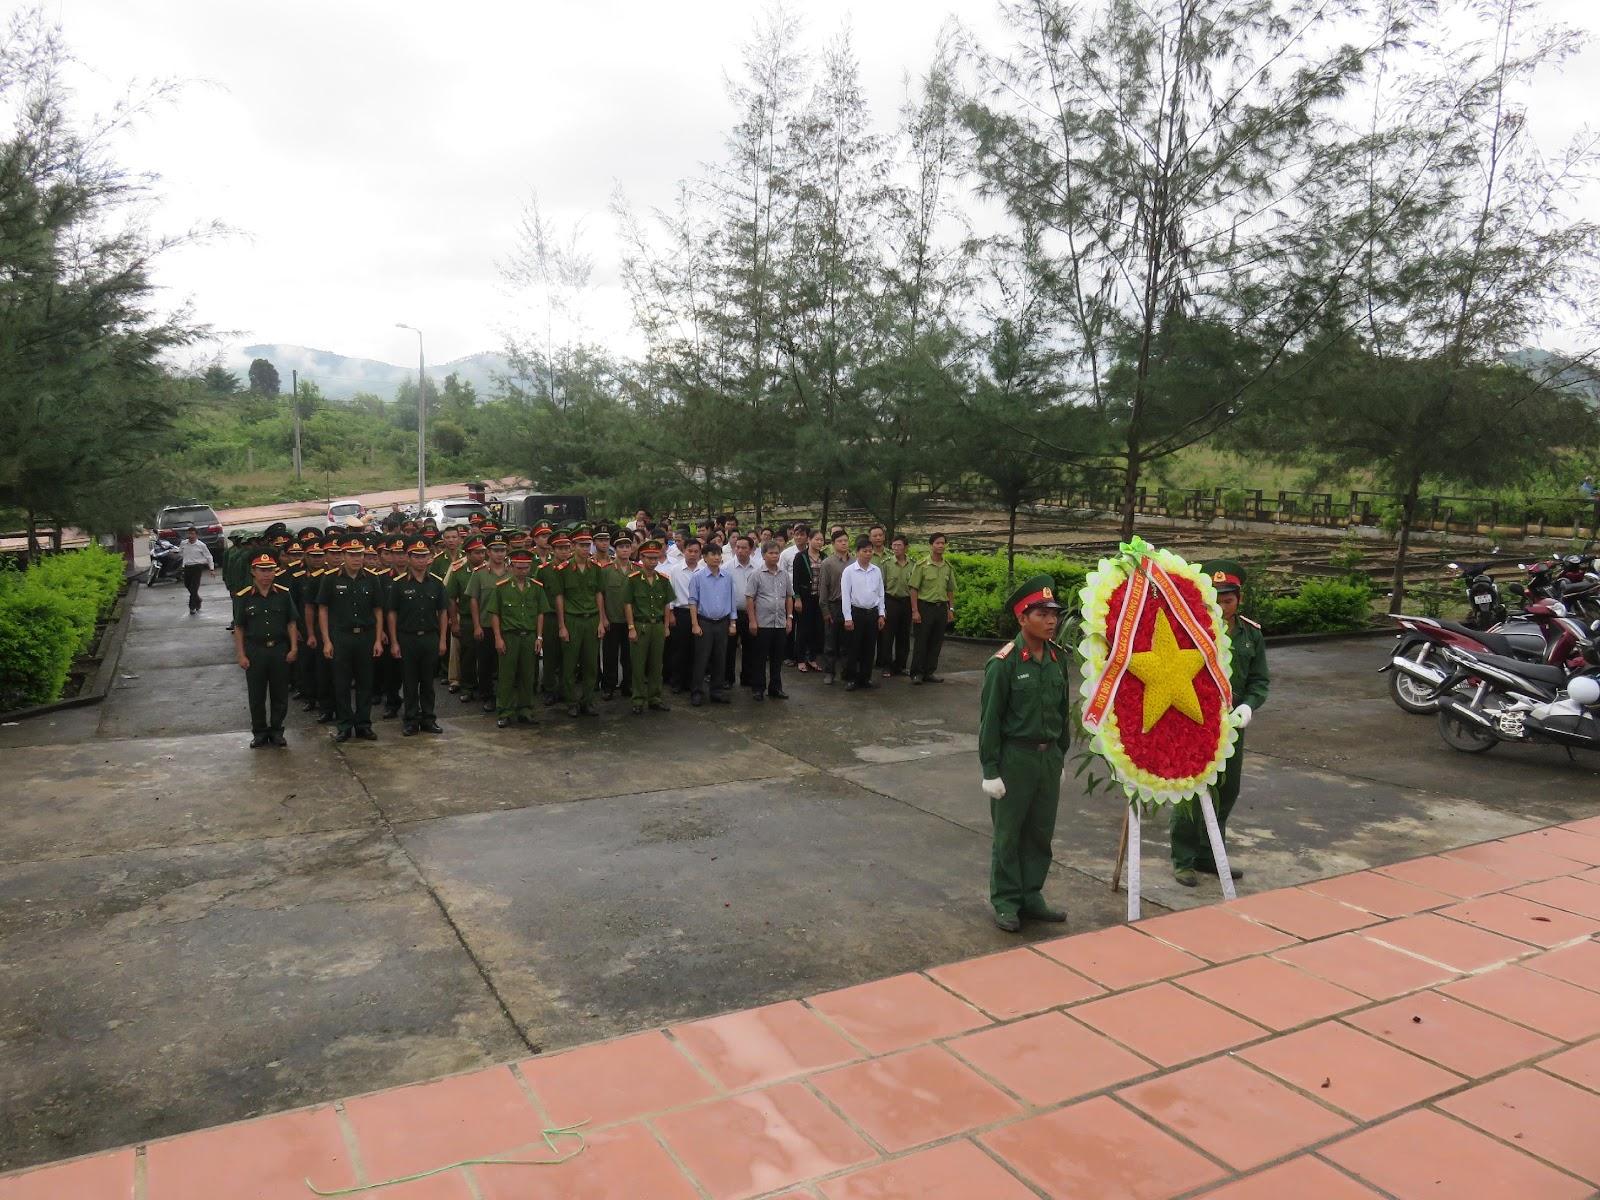 Tổ chức thăm viếng, dâng hương Nghĩa trang liệt sỹ huyện nhân dịp kỷ niệm 70 năm Cách mạng tháng Tám và Quốc khánh nước Cộng hòa xã hội chủ nghĩa Việt Nam